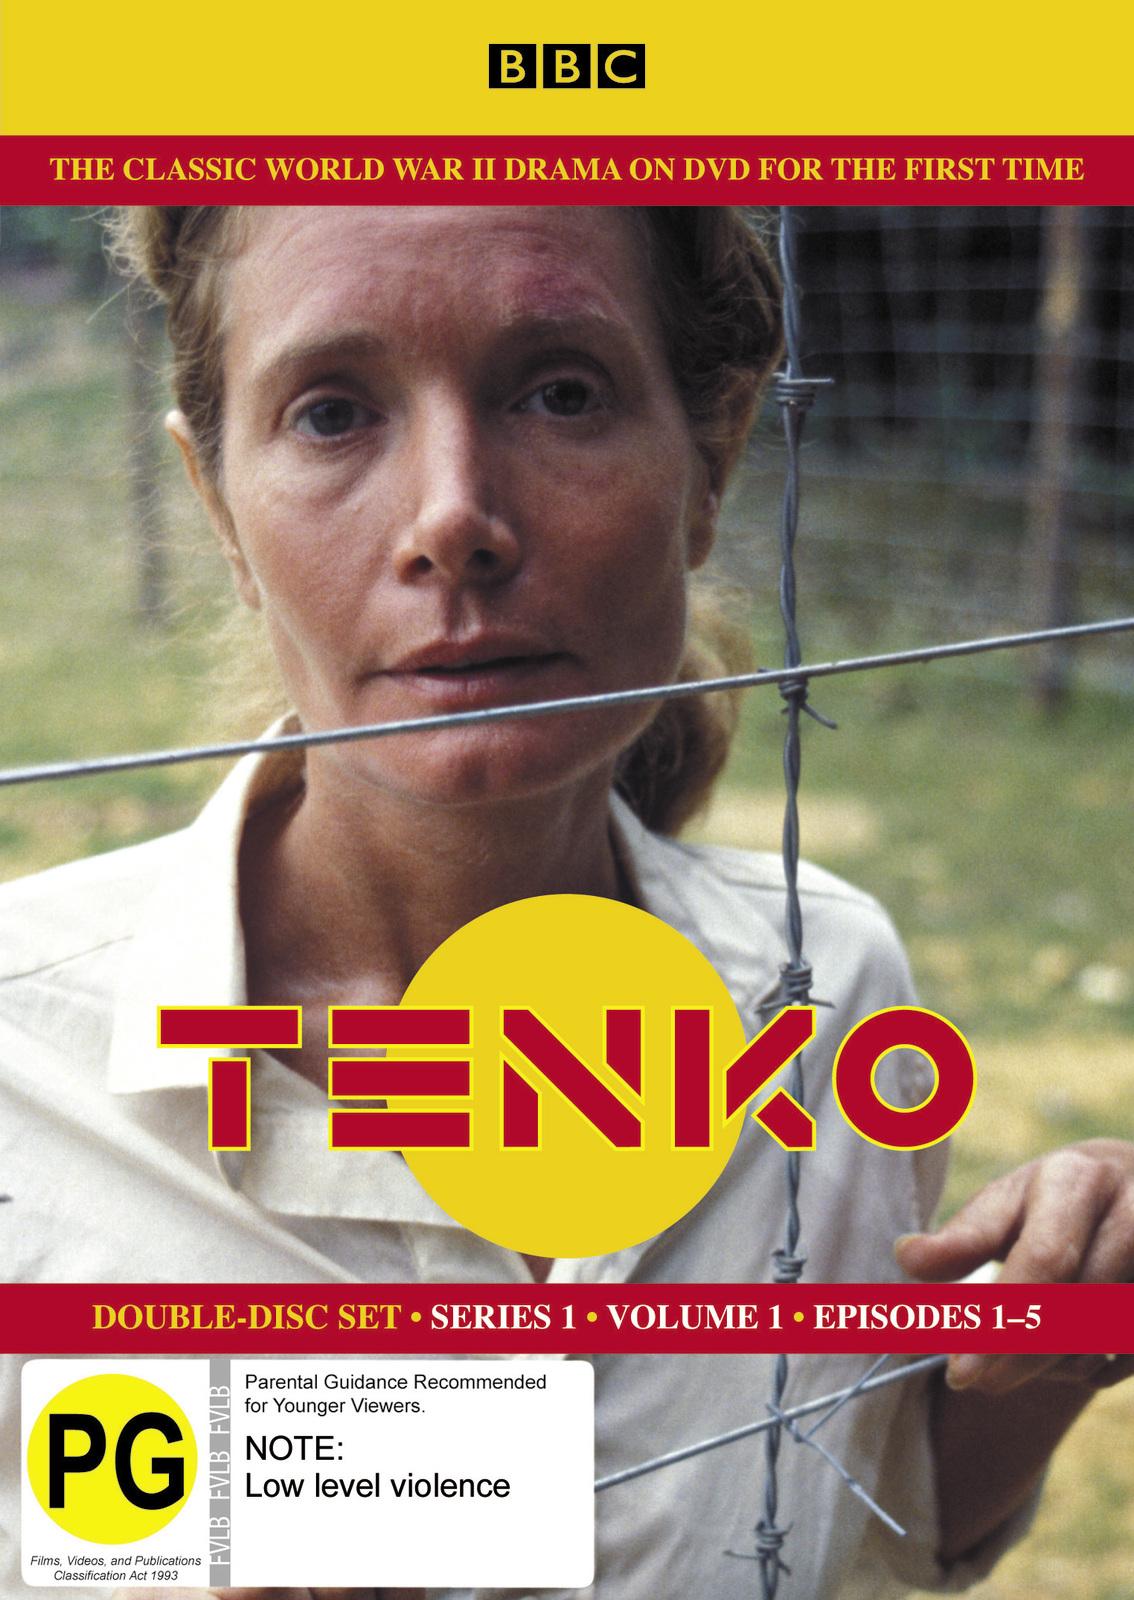 Tenko - Vol. 1 - Series 1: Episodes 1-5 (2 Disc Set) on DVD image